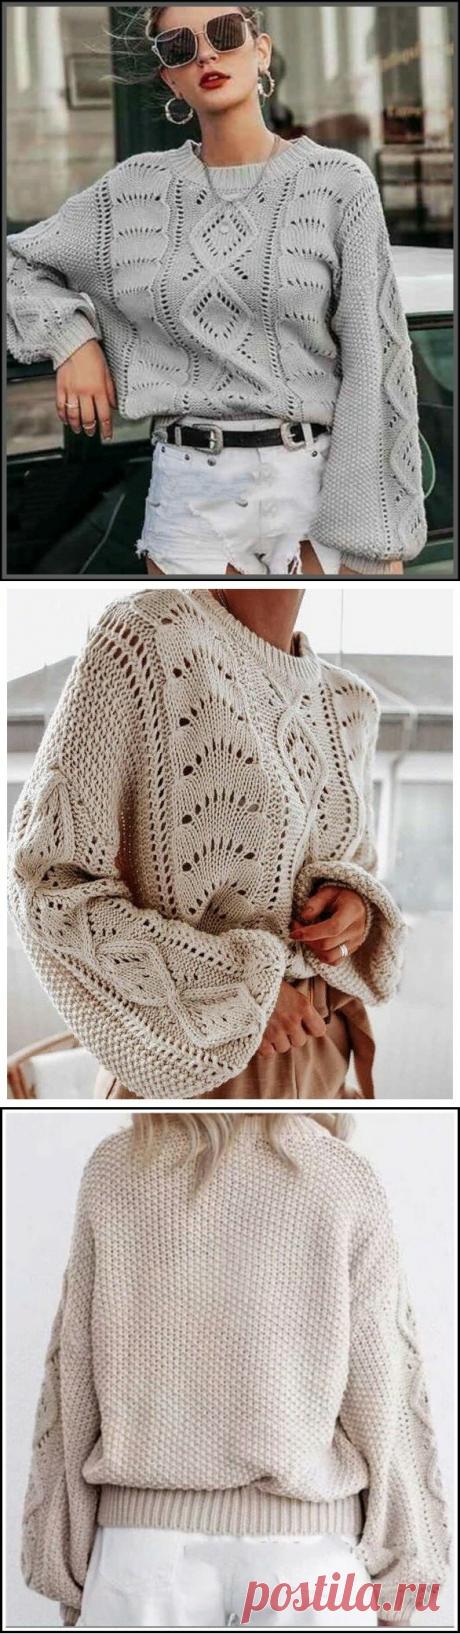 Пуловер с ажурным узором ромбы и широким рукавом (схемы)